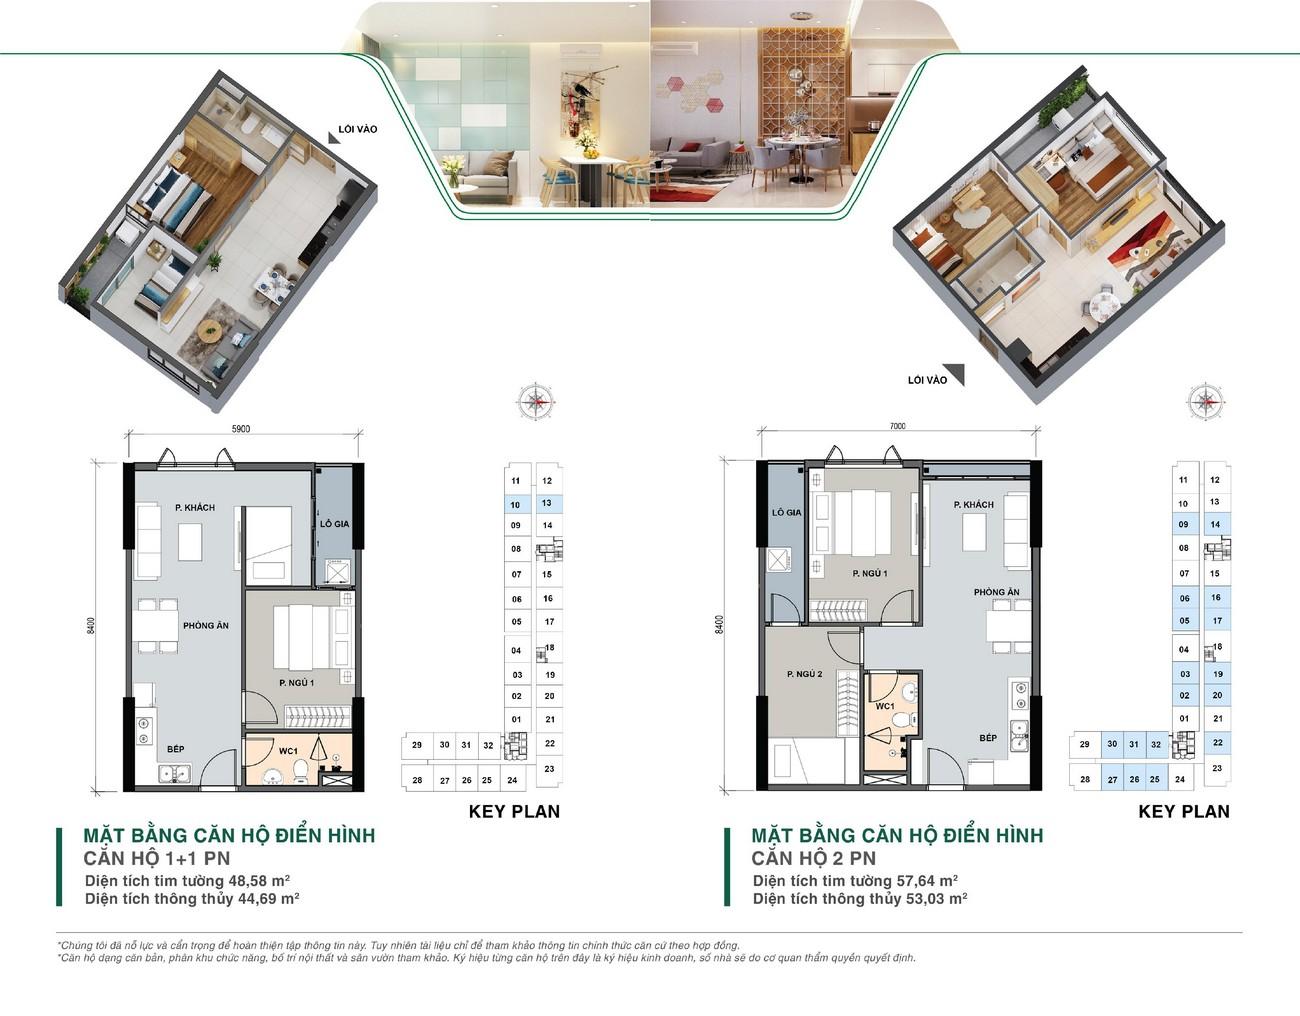 Thiết kế chi tiết dự án căn hộ Picity High Park Quận 12